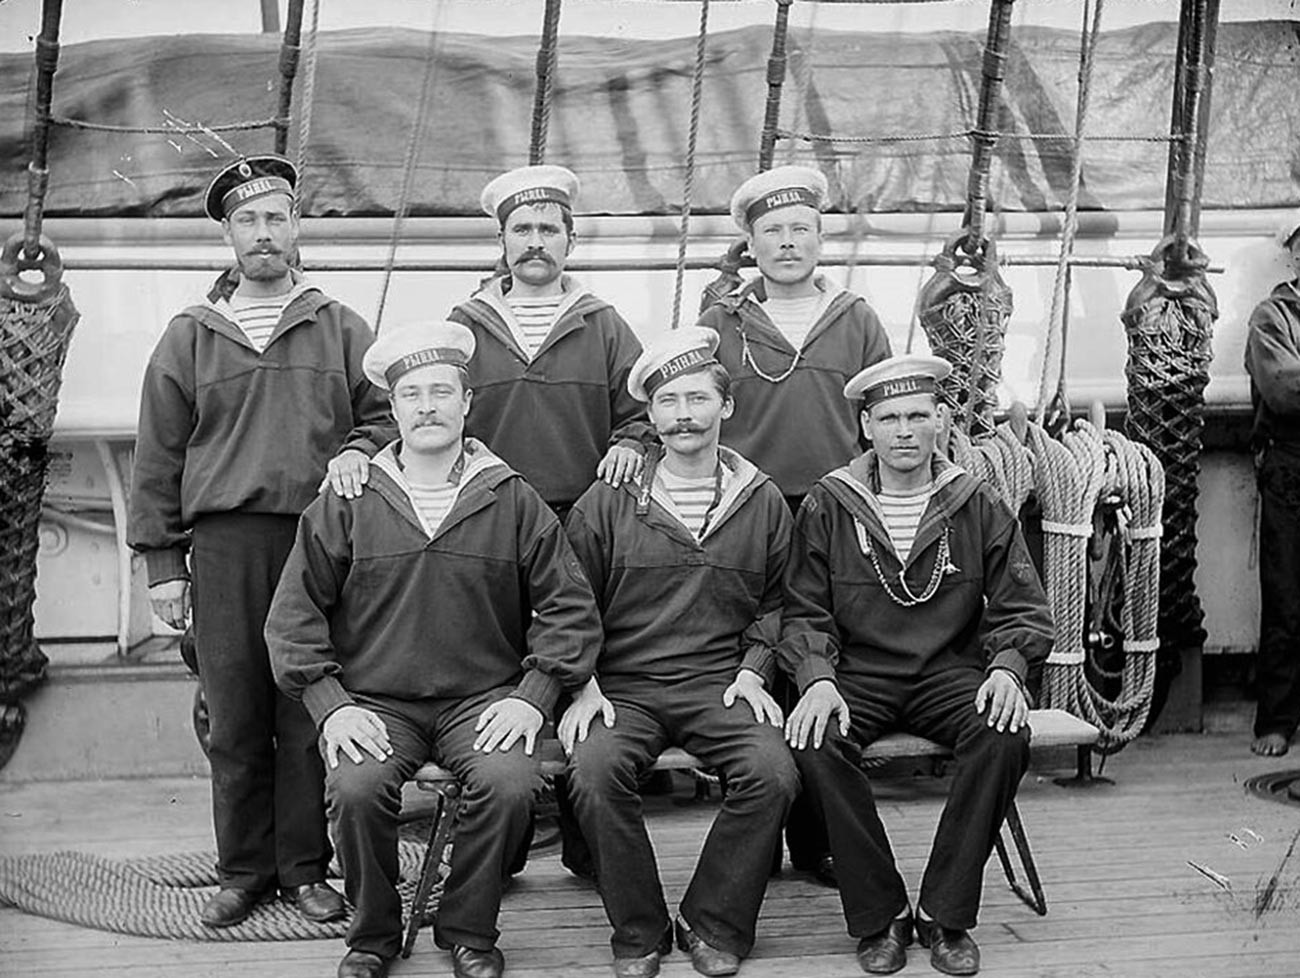 Russische Seeleute aus dem 19. Jahrhundert